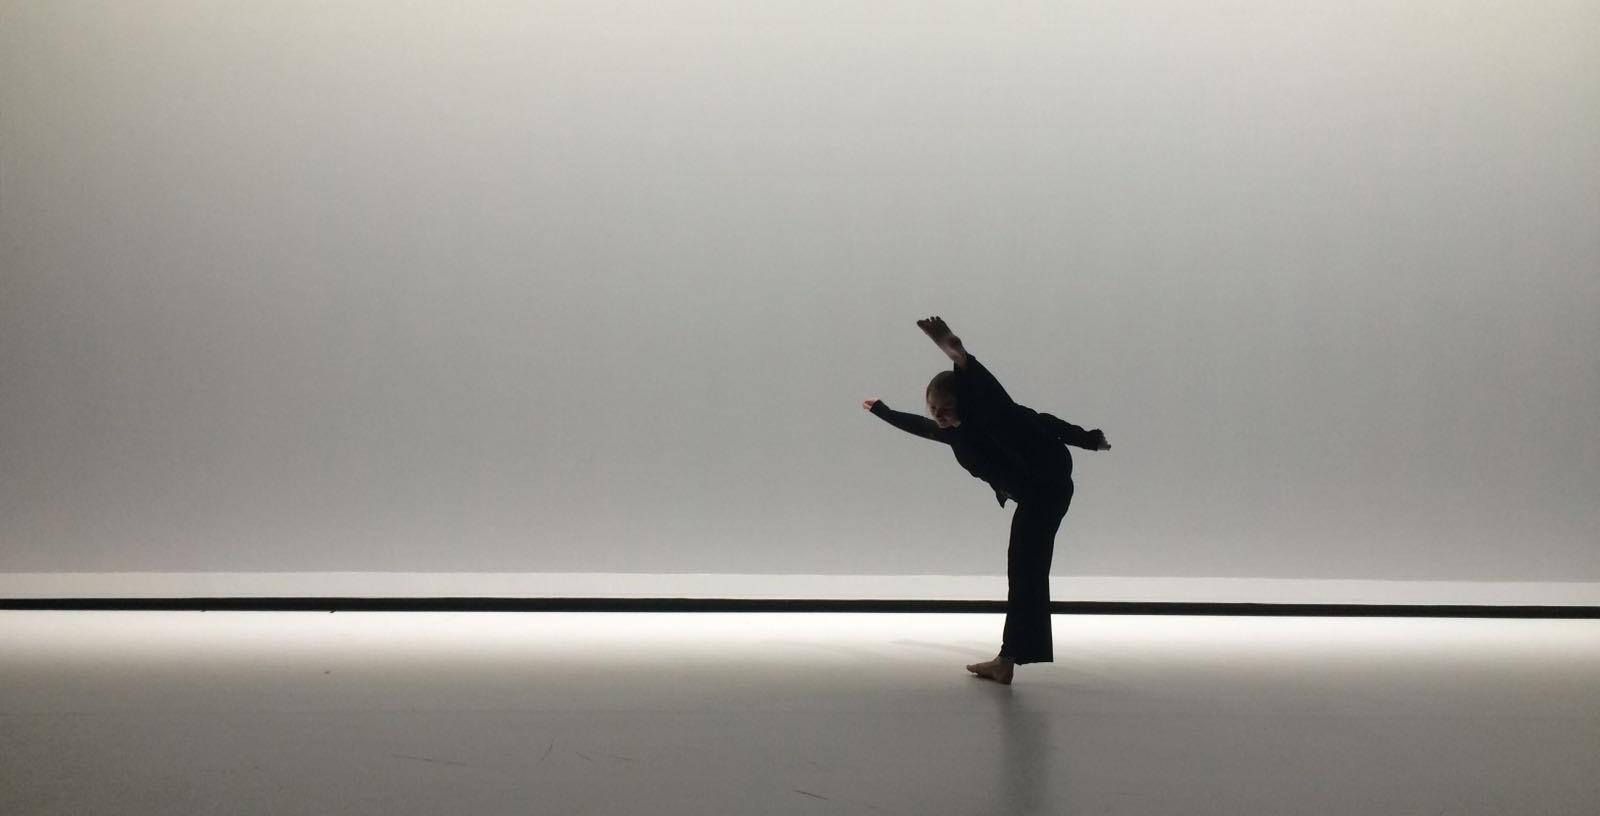 Floor van Woensel danst voor haar bedrijf Dance Floor